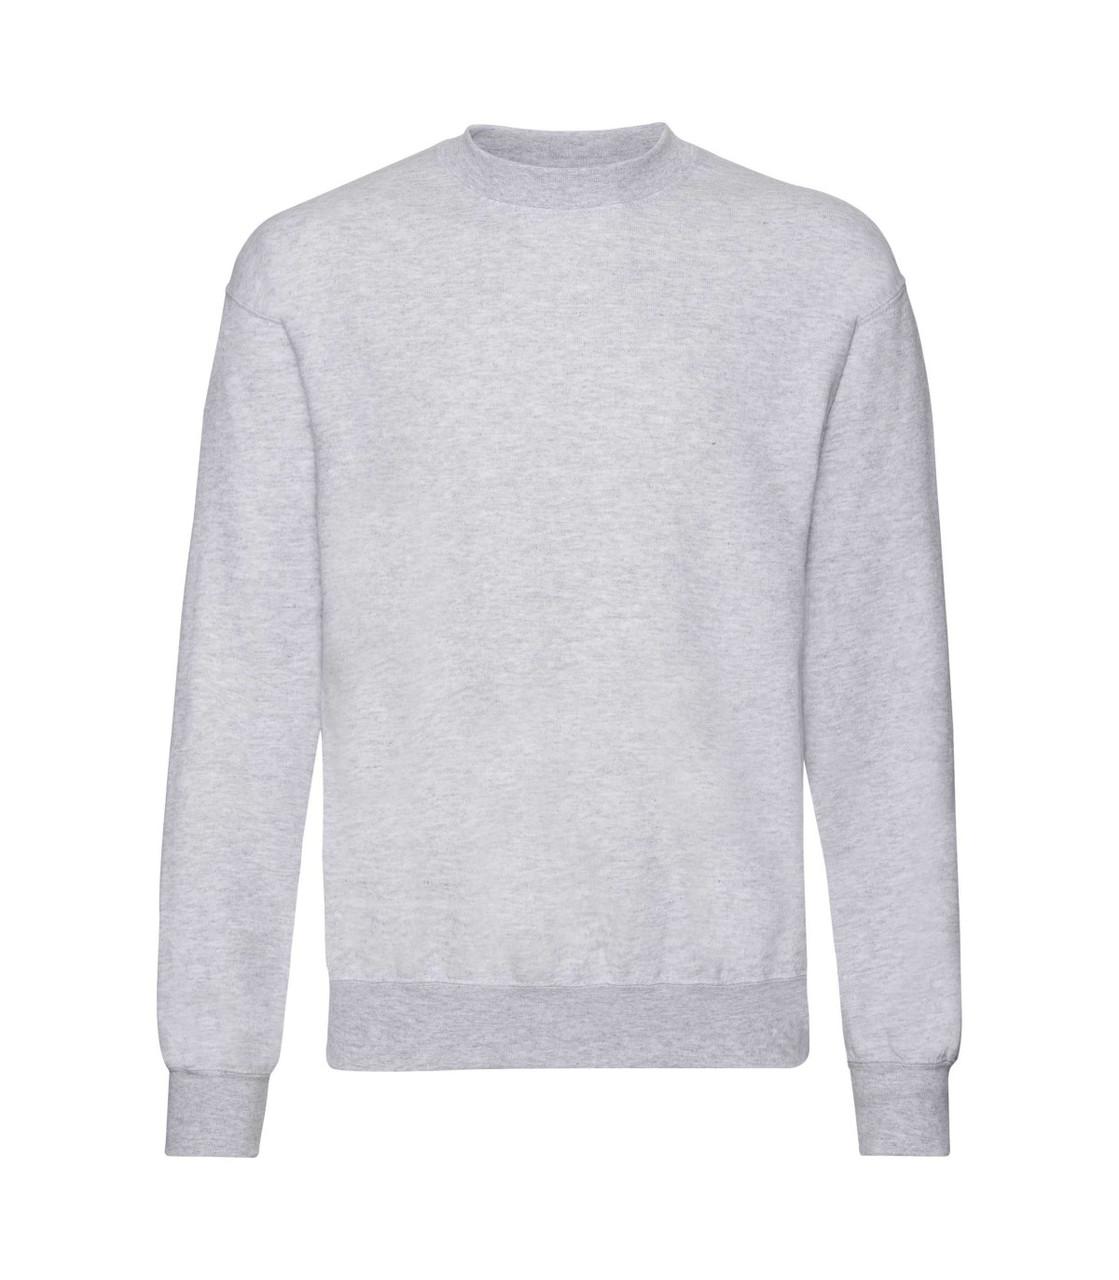 Чоловічий светр-реглан світло-сірий 202-94